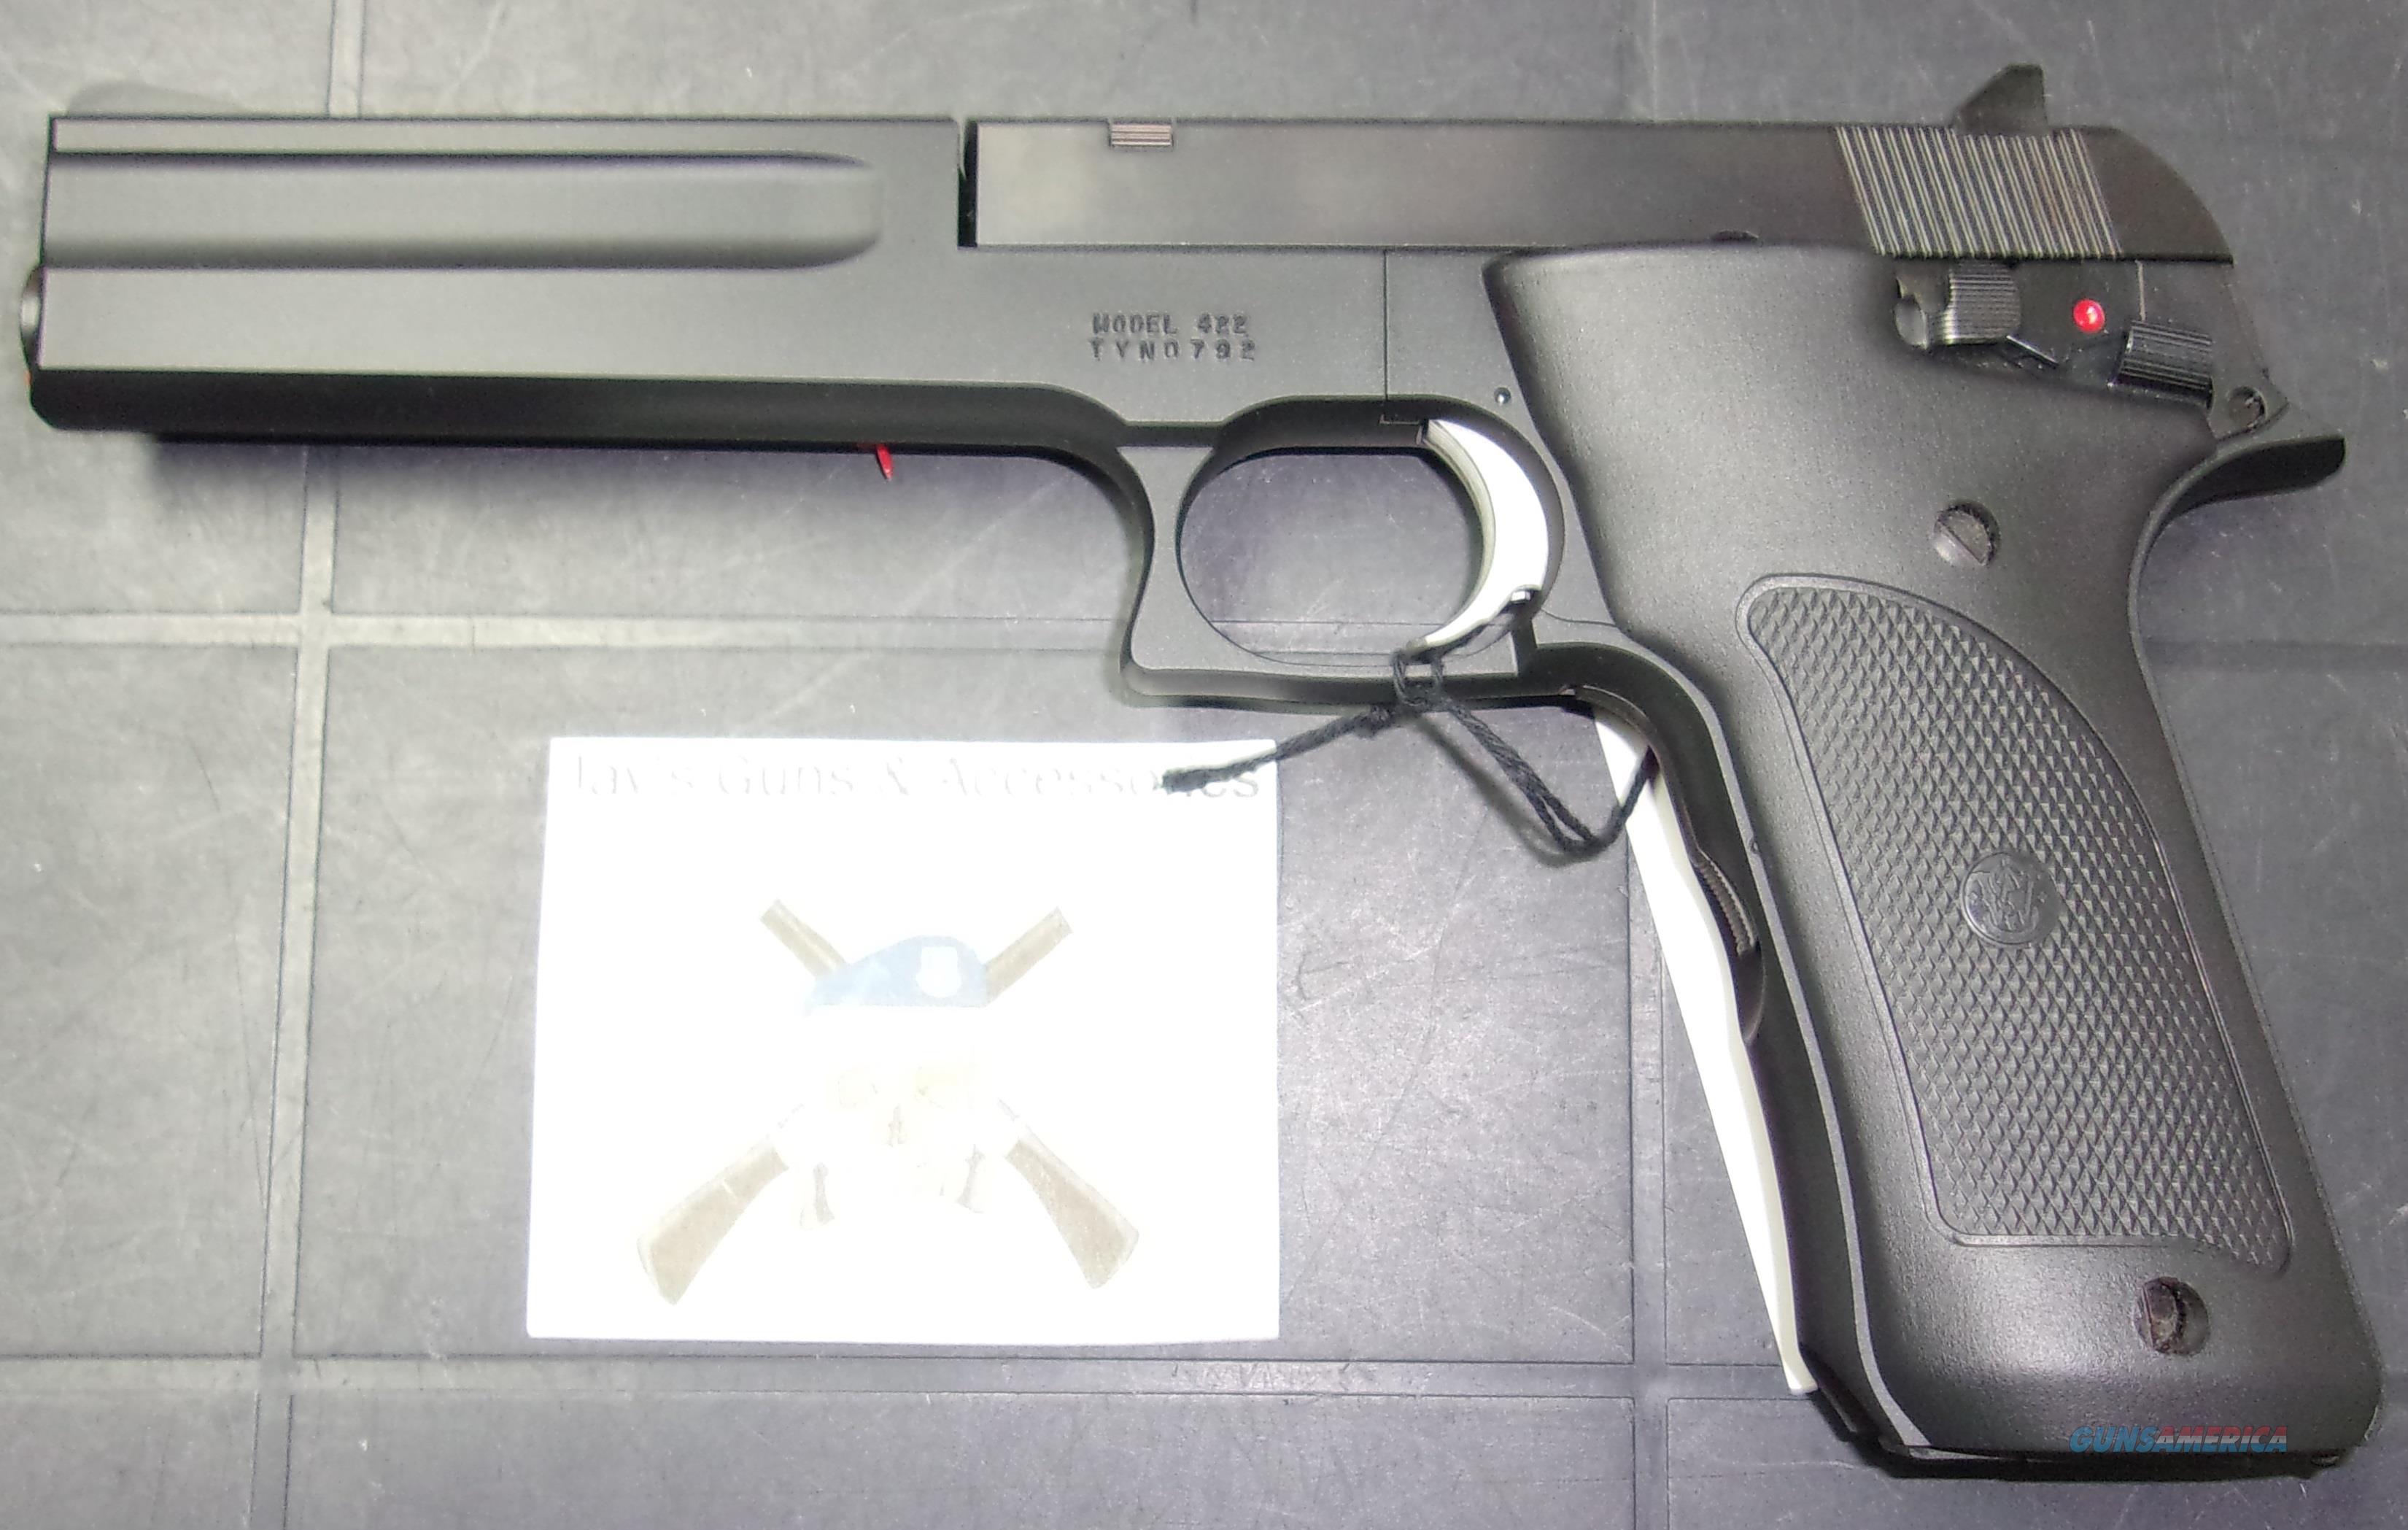 Smith & Wesson 422  Guns > Pistols > Smith & Wesson Pistols - Autos > .22 Autos